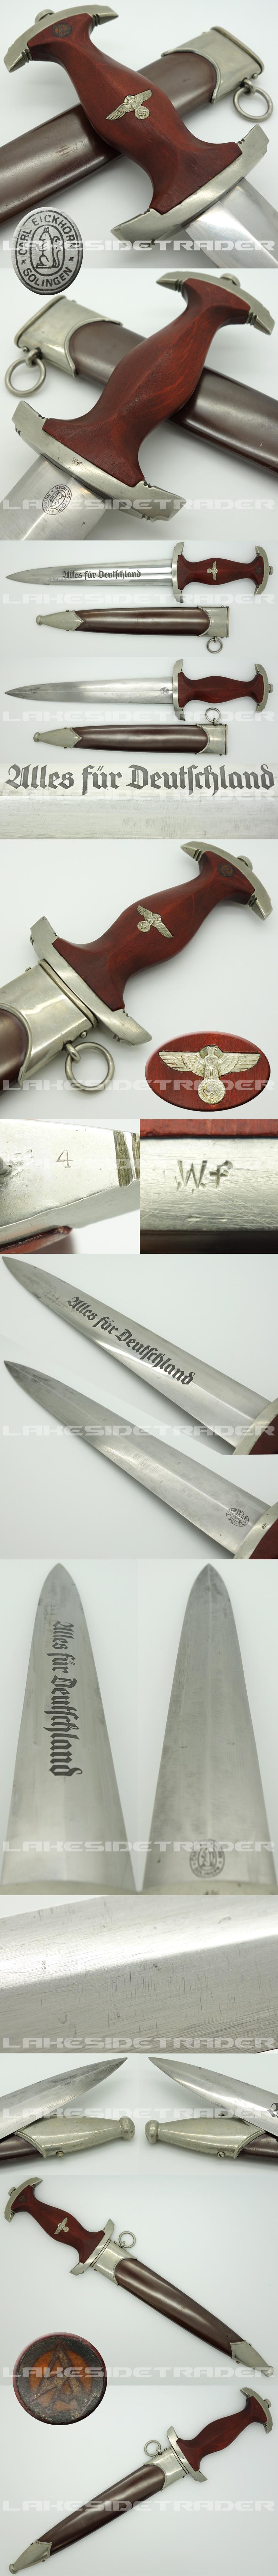 Ground Röhm SA Dagger by Eickhorn